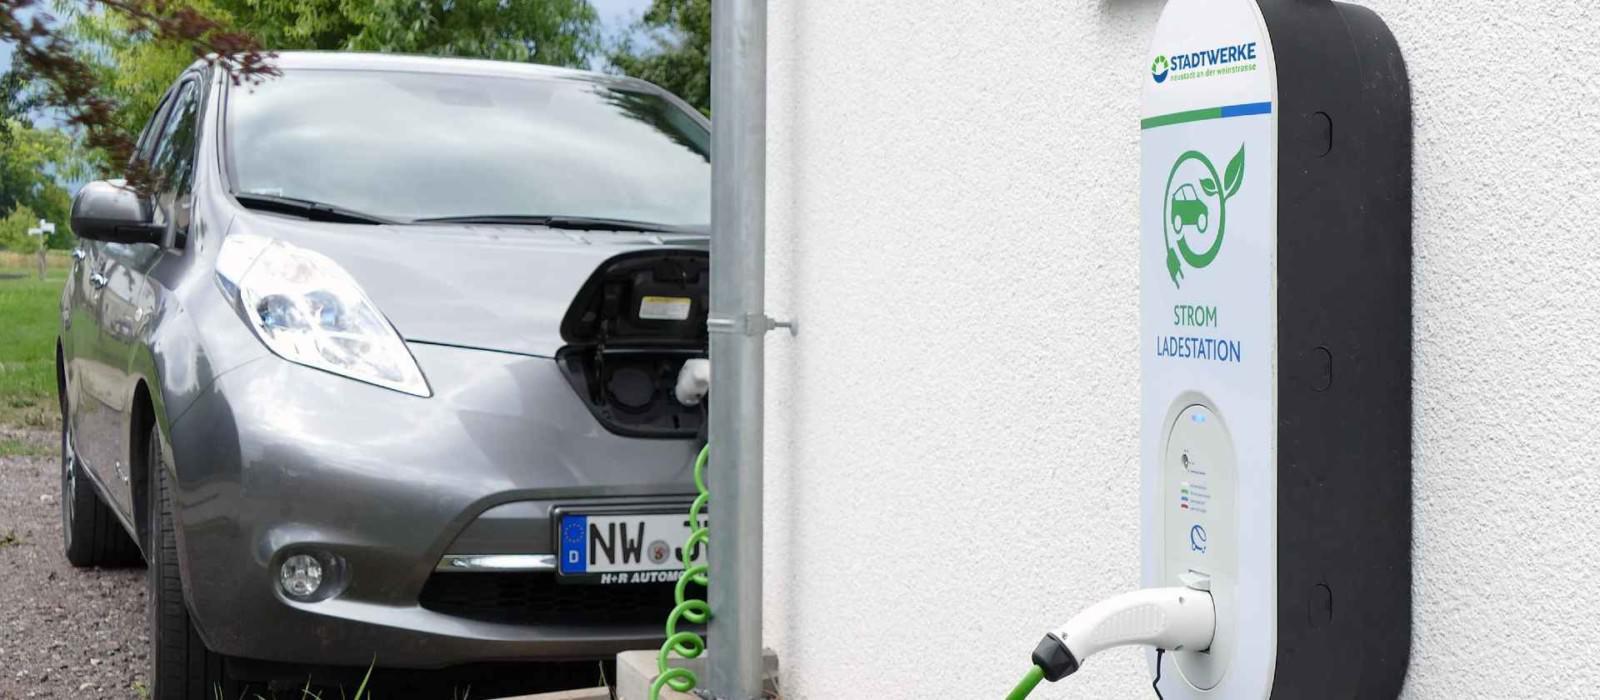 Stadtwerke Neustadt Energie Strom Kachel Mobilität Wallbox